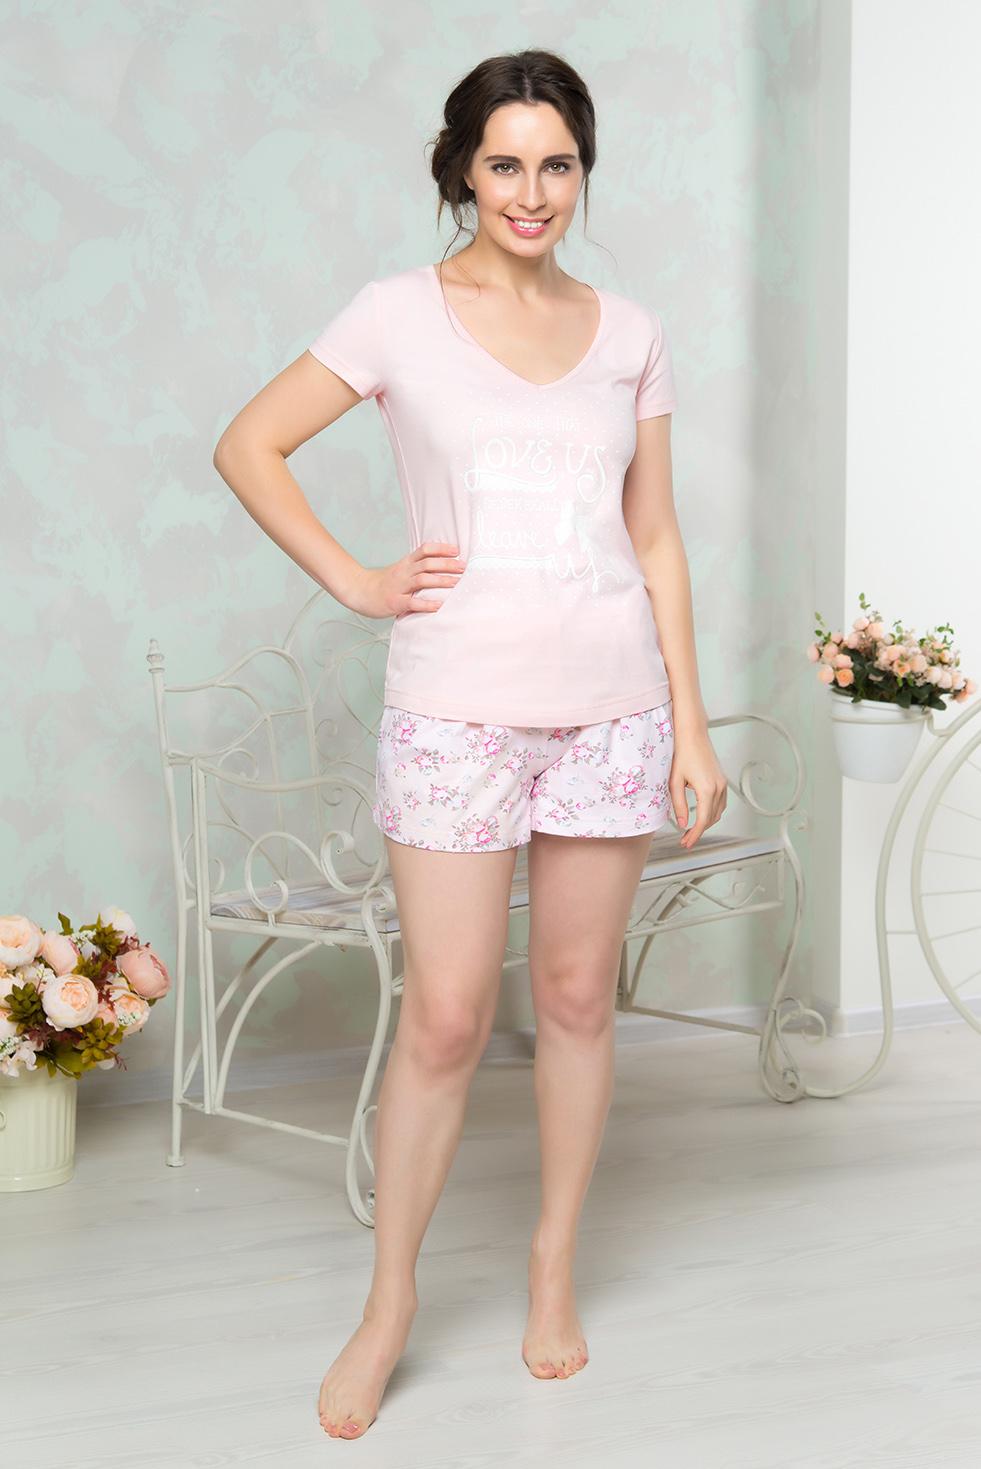 Пижама женская Mia Cara: футболка, шорты, цвет: розовый. AW16-MCUZ-845. Размер 46/48AW16-MCUZ-845Пижама женская Mia Cara состоит из футболки и шорт. Модель выполнена из высококачественного хлопка с добавлением эластана. Футболка оформлена принтом с надписями, шорты - цветочным принтом.